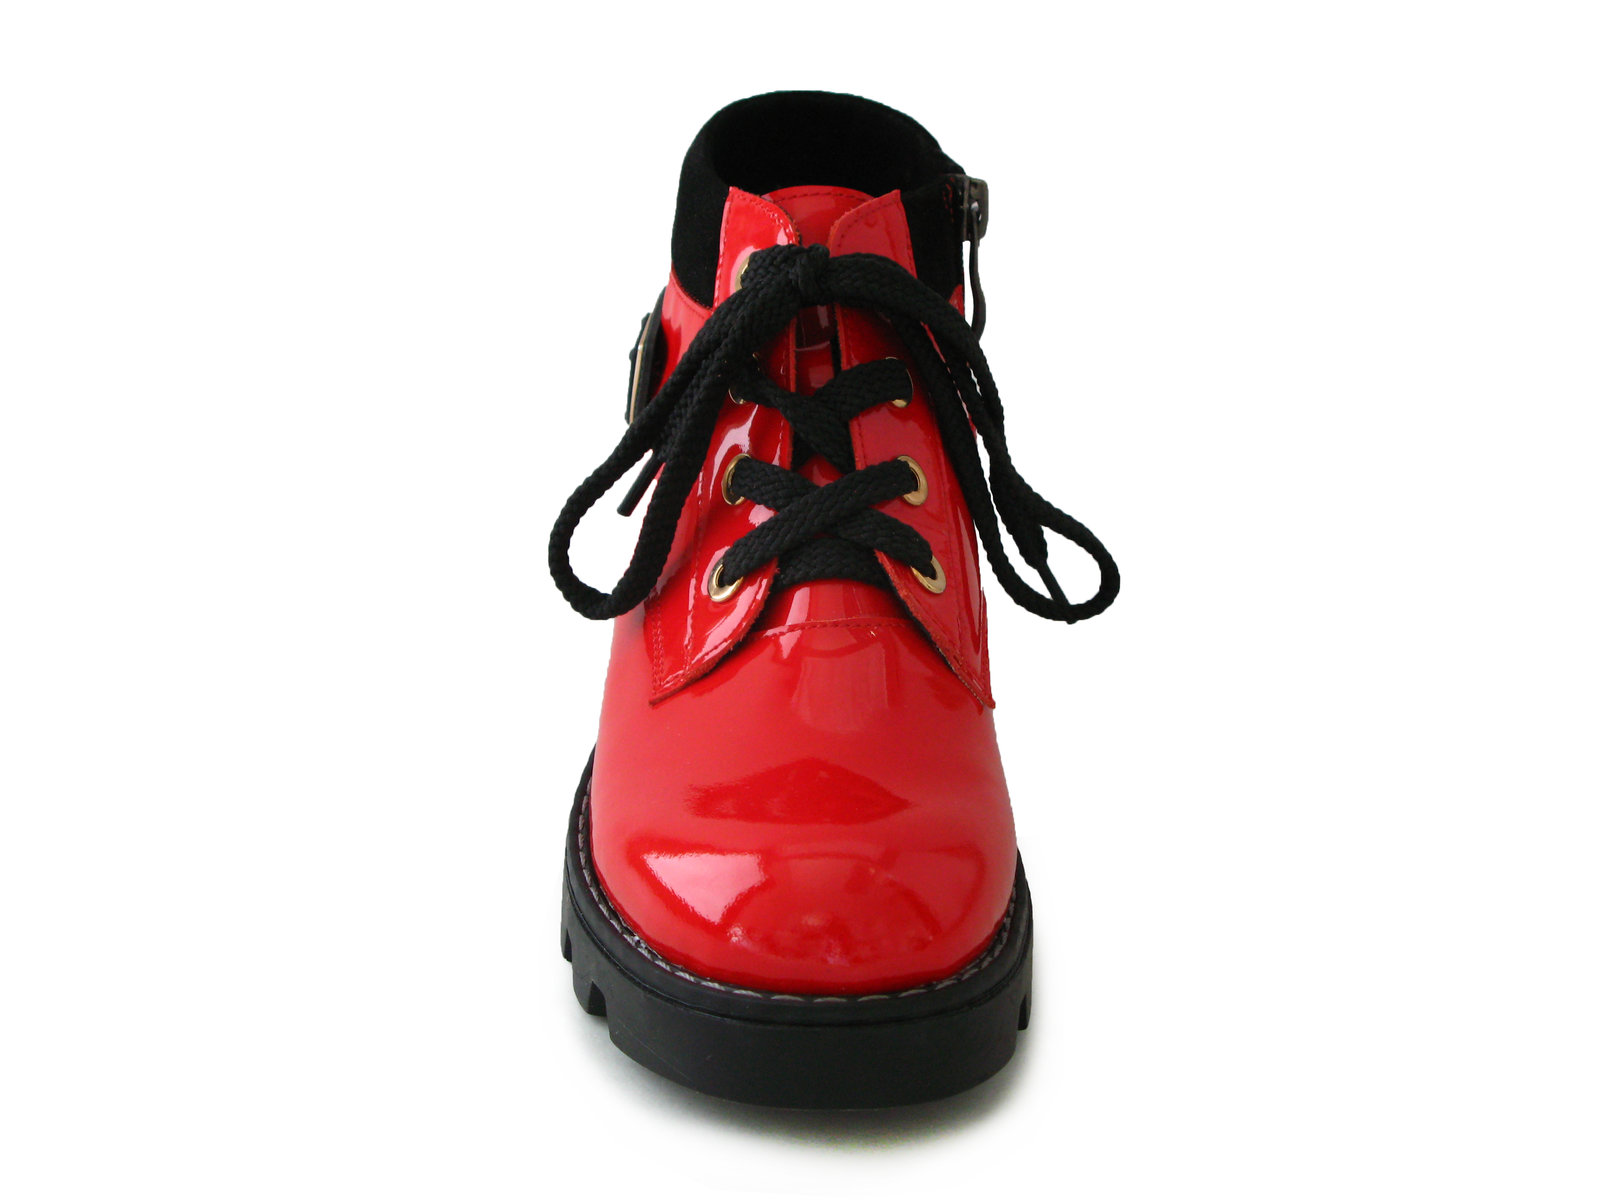 1e2288f24 Ботинки детские купить в Черкассах. loading... Наведите курсор, чтобы  увеличить